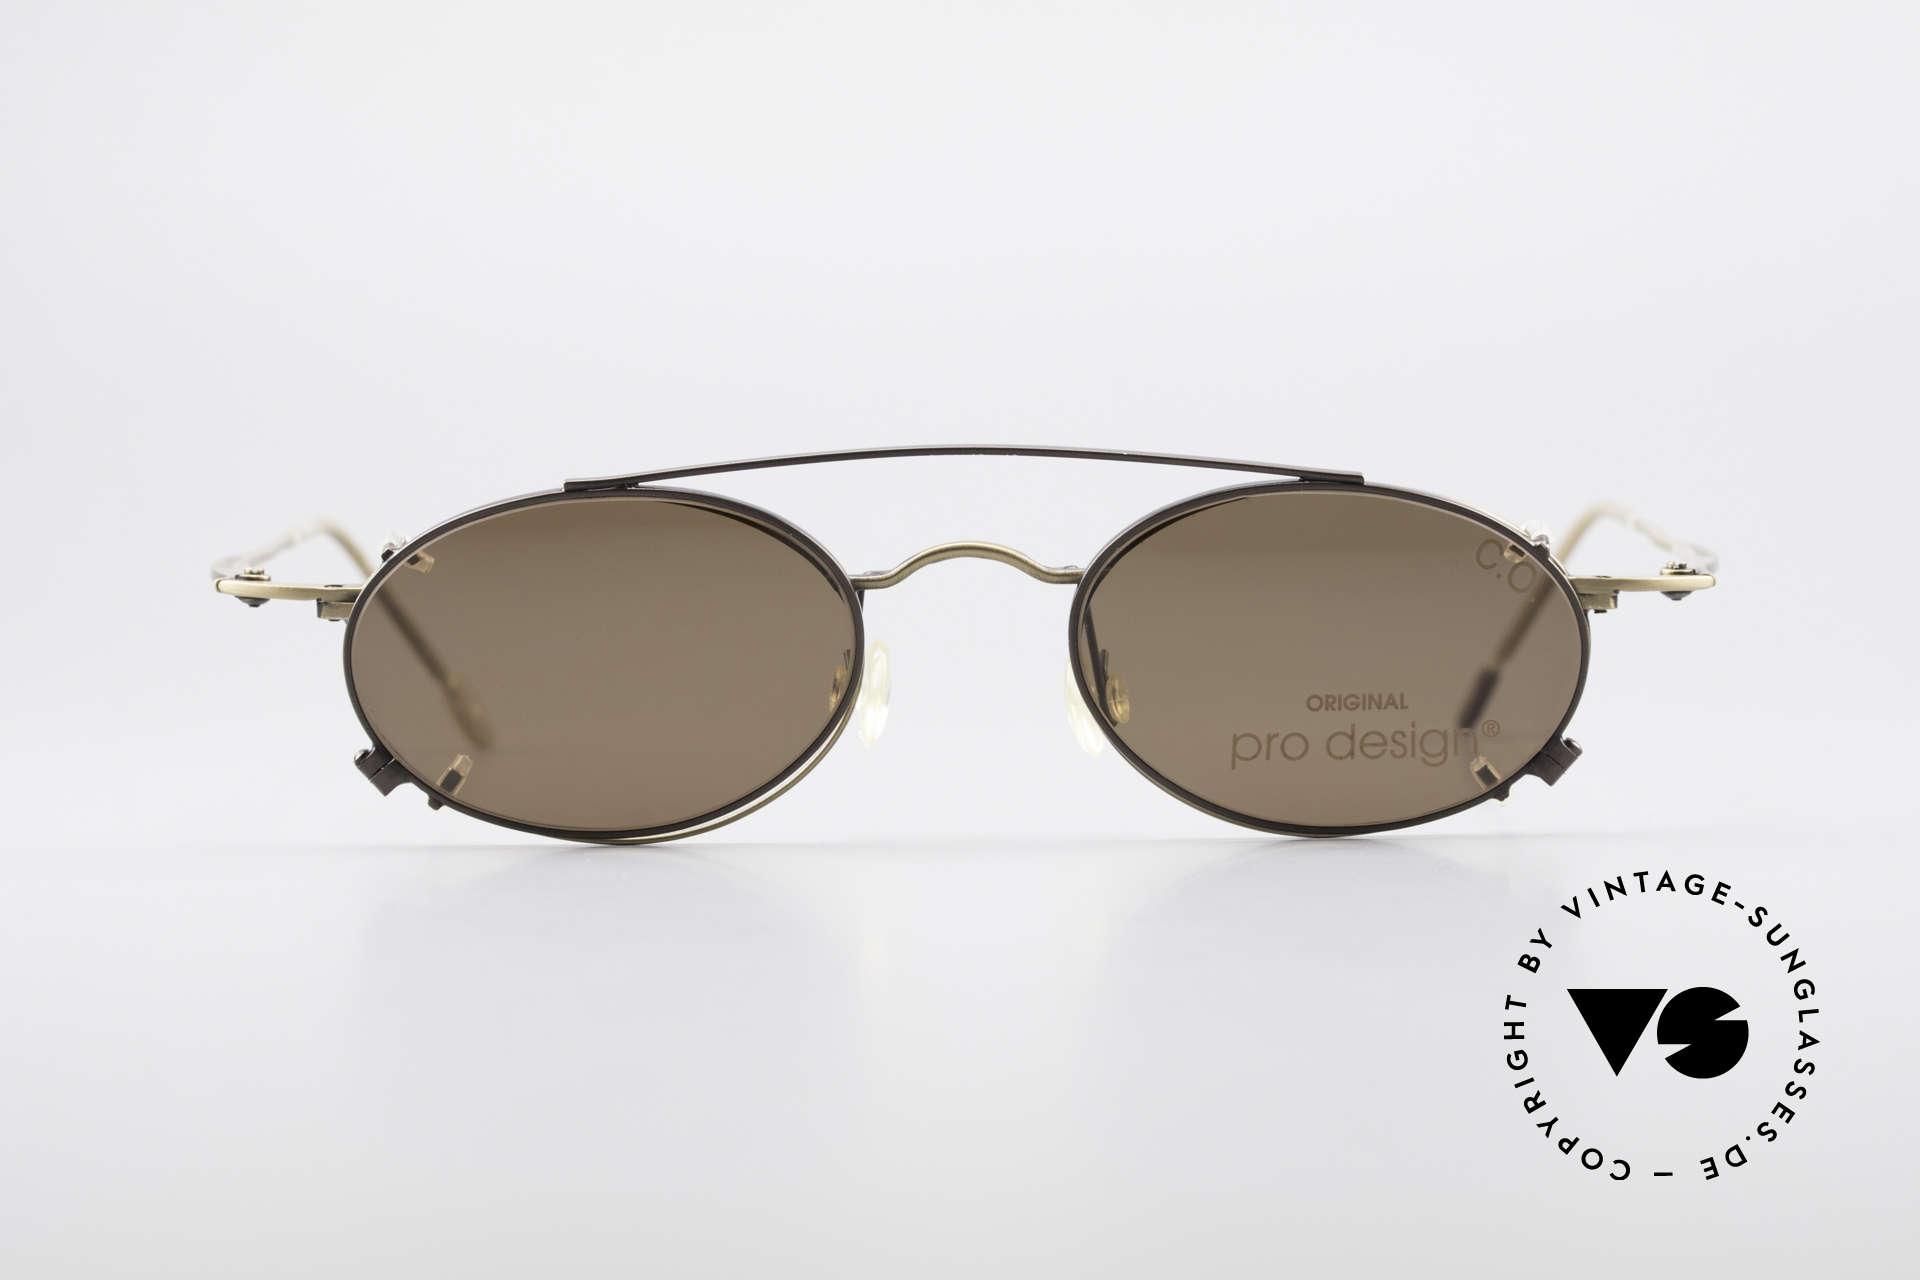 ProDesign P806 Polarized Clip On 90's Shades, stylish elegant unisex model; timeless vintage eyewear, Made for Men and Women